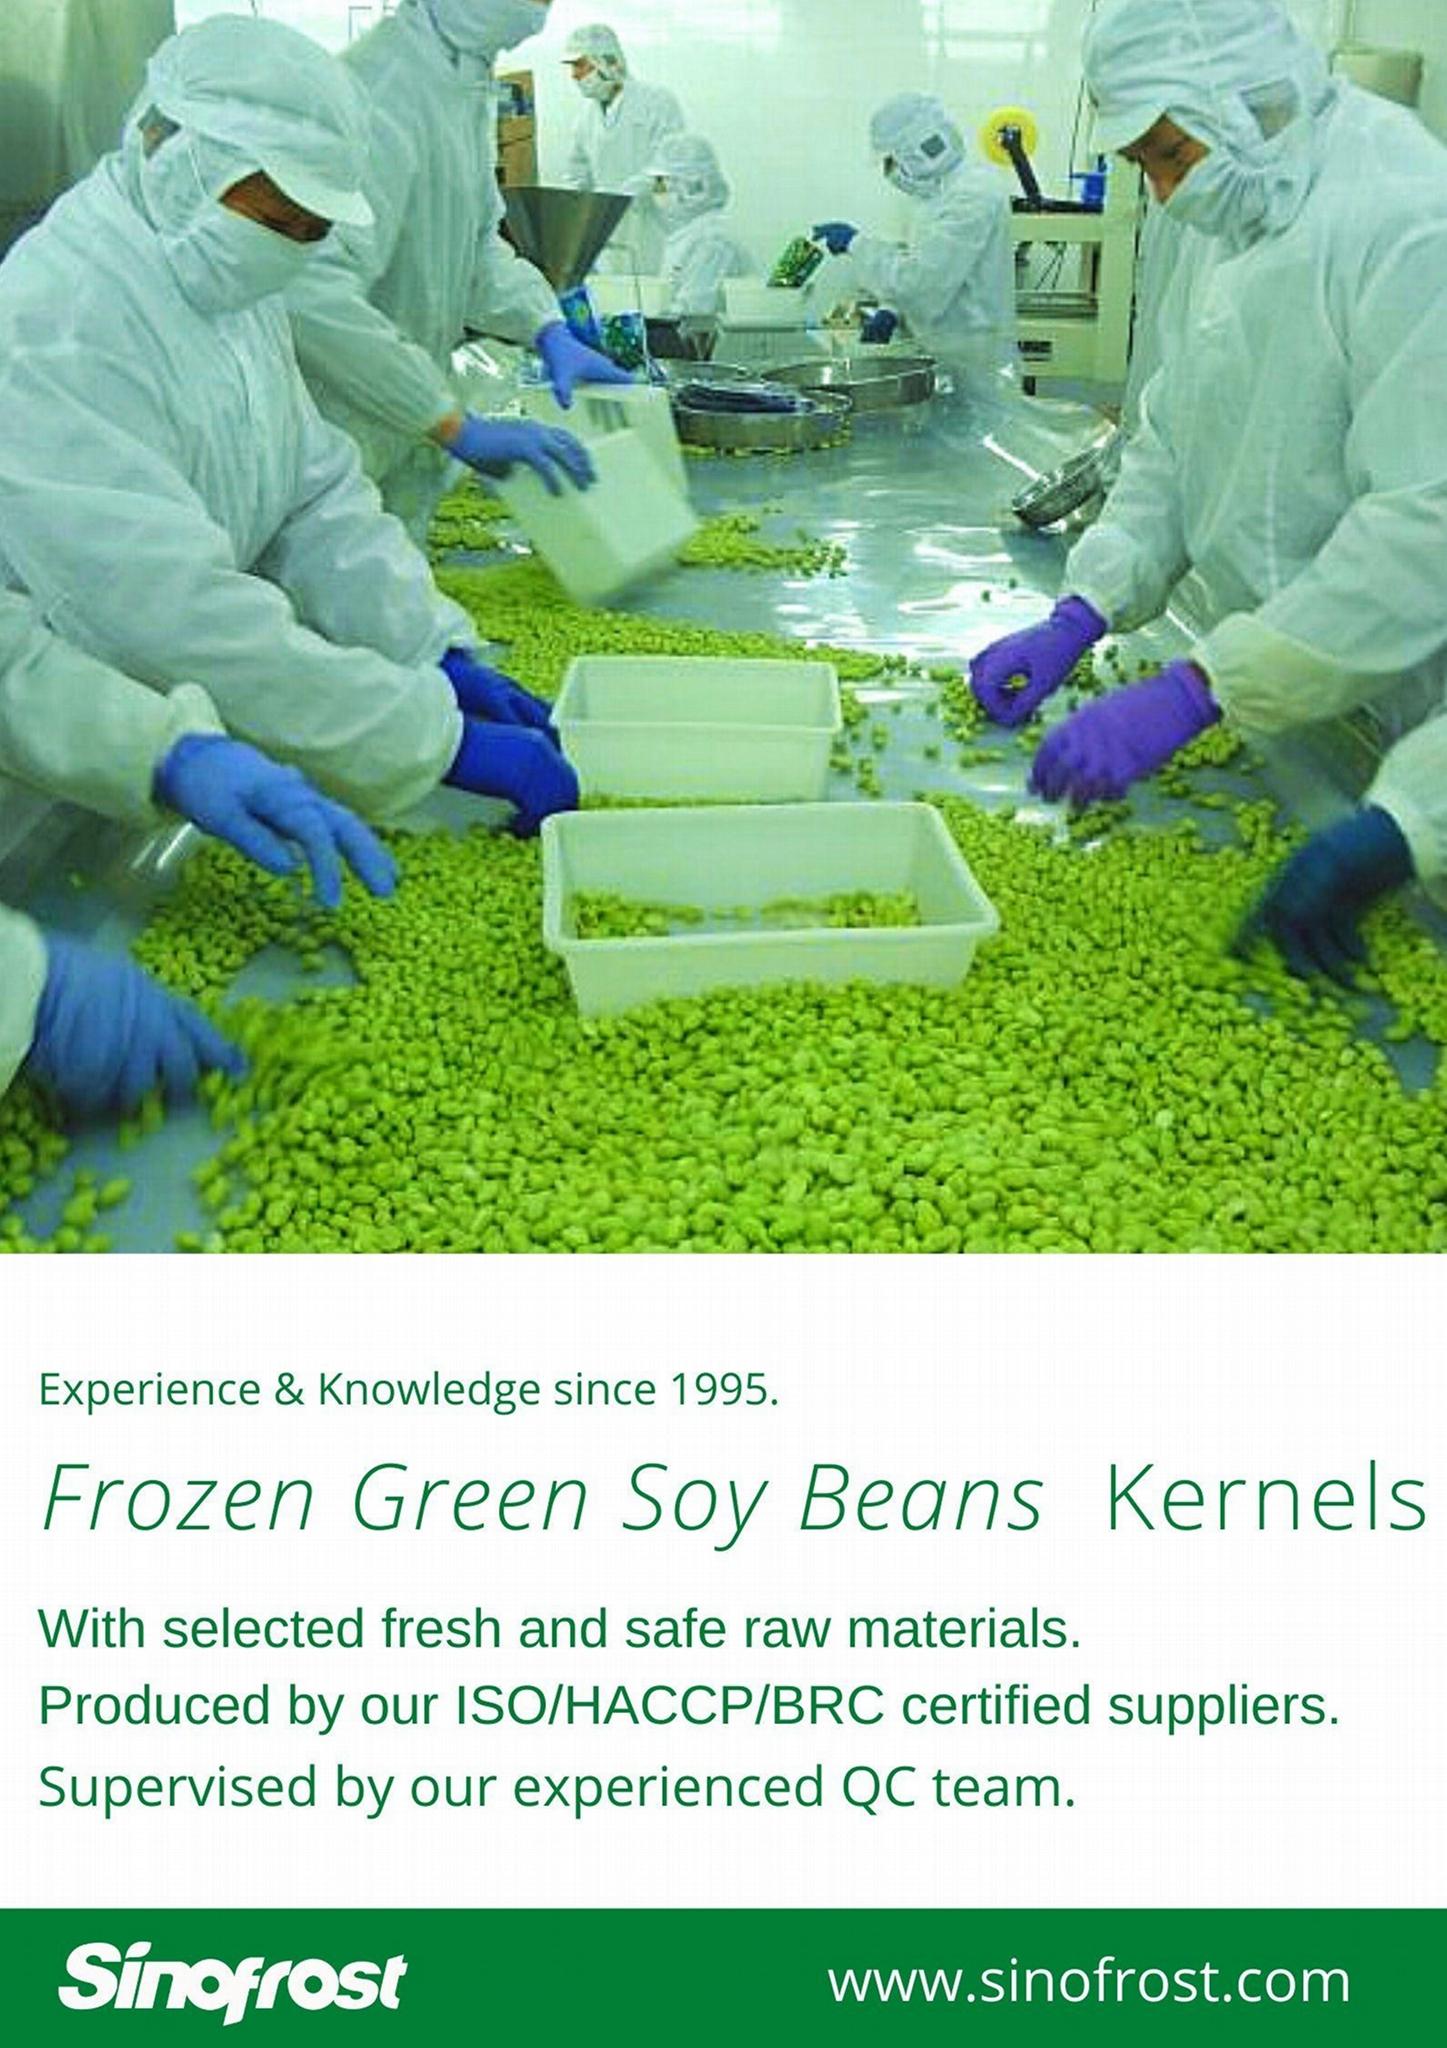 冷凍毛豆,速凍毛豆,冷凍枝豆,速凍枝豆 14